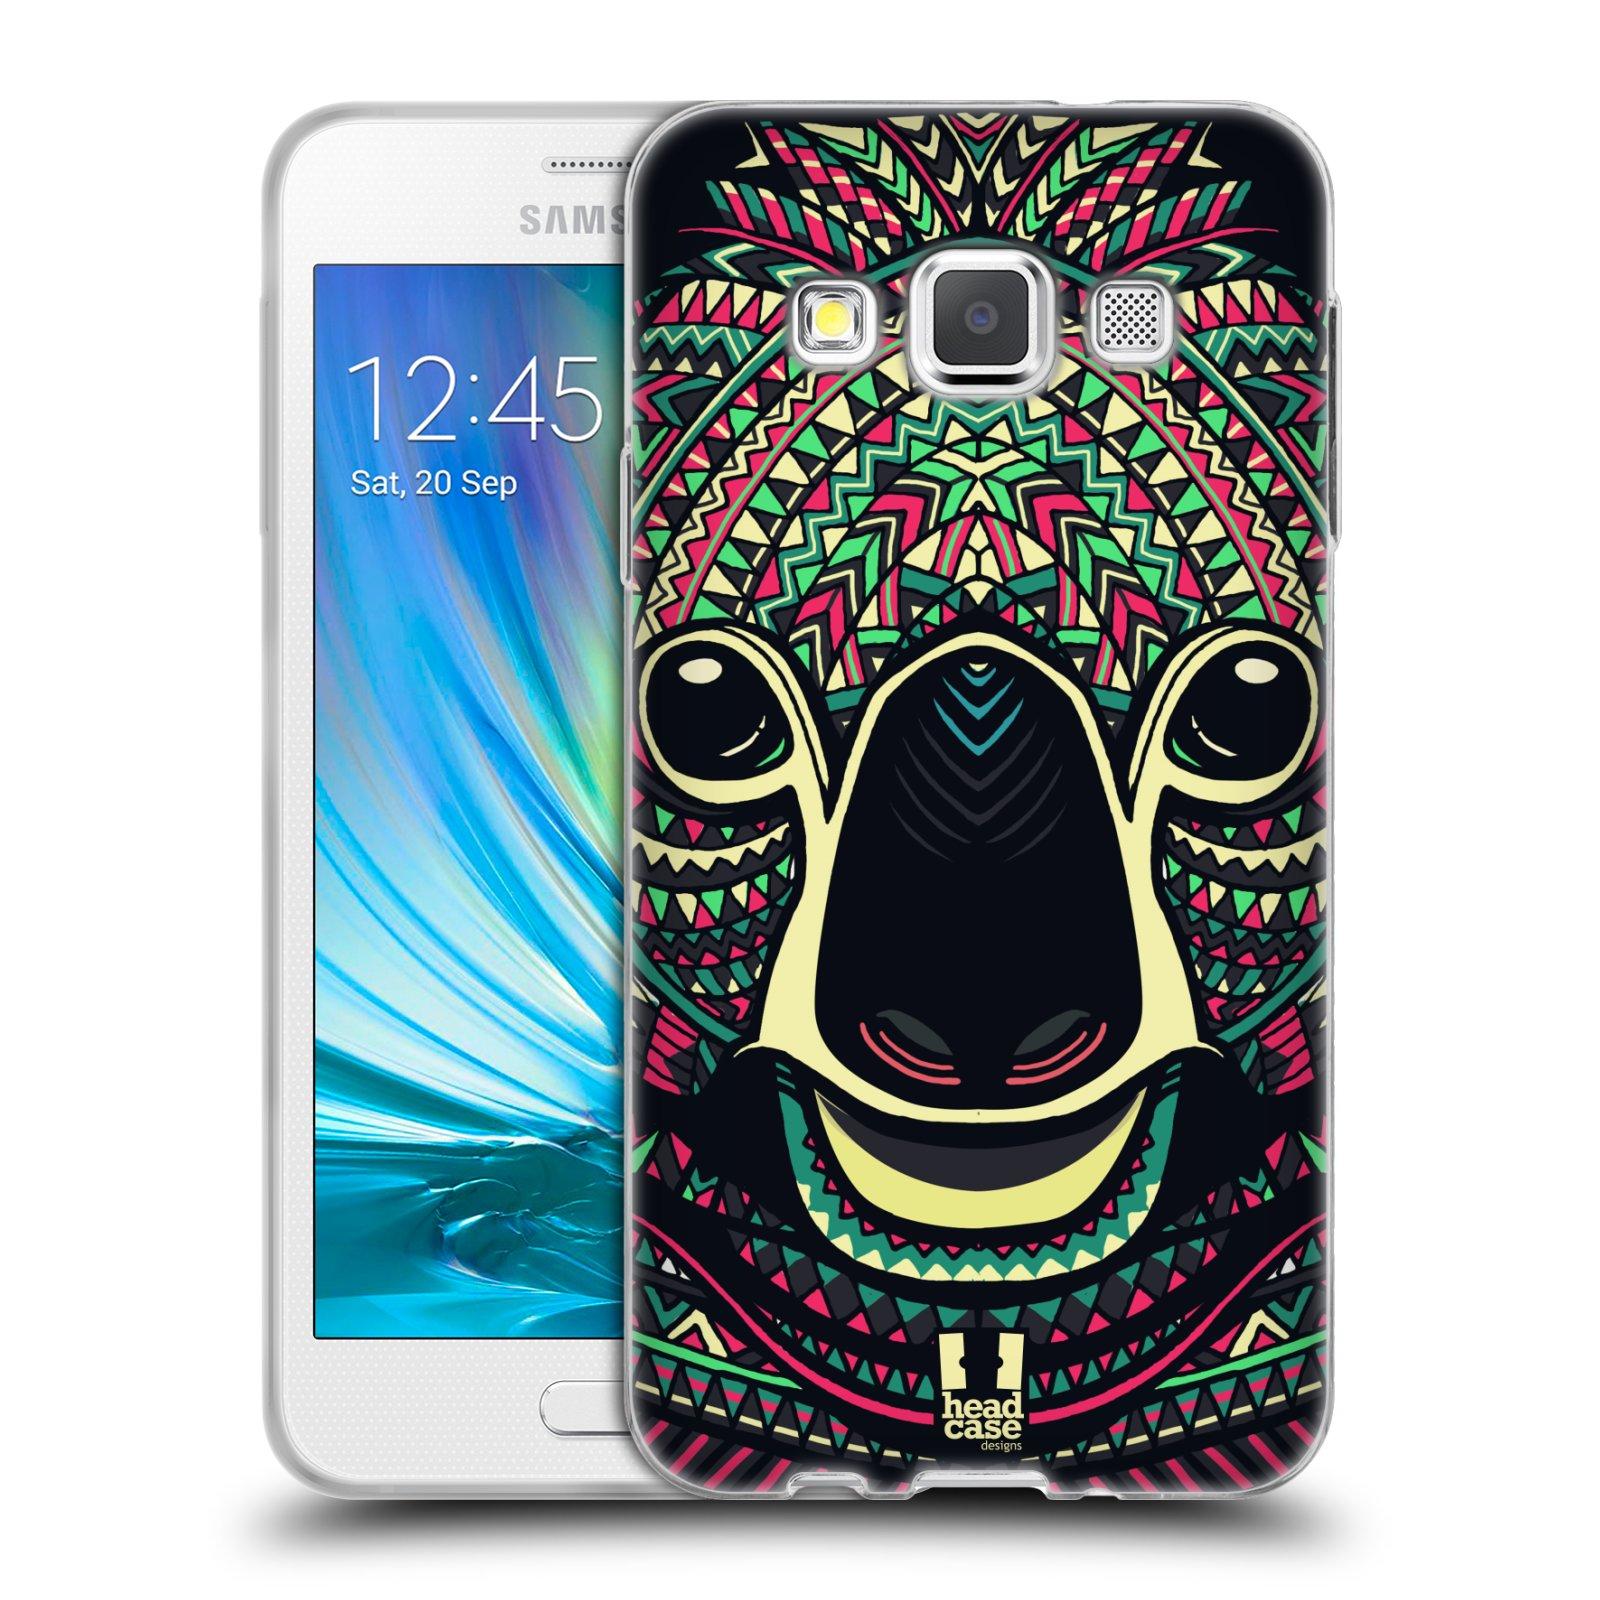 Silikonové pouzdro na mobil Samsung Galaxy A3 HEAD CASE AZTEC KOALA (Silikonový kryt či obal na mobilní telefon Samsung Galaxy A3 SM-A300)